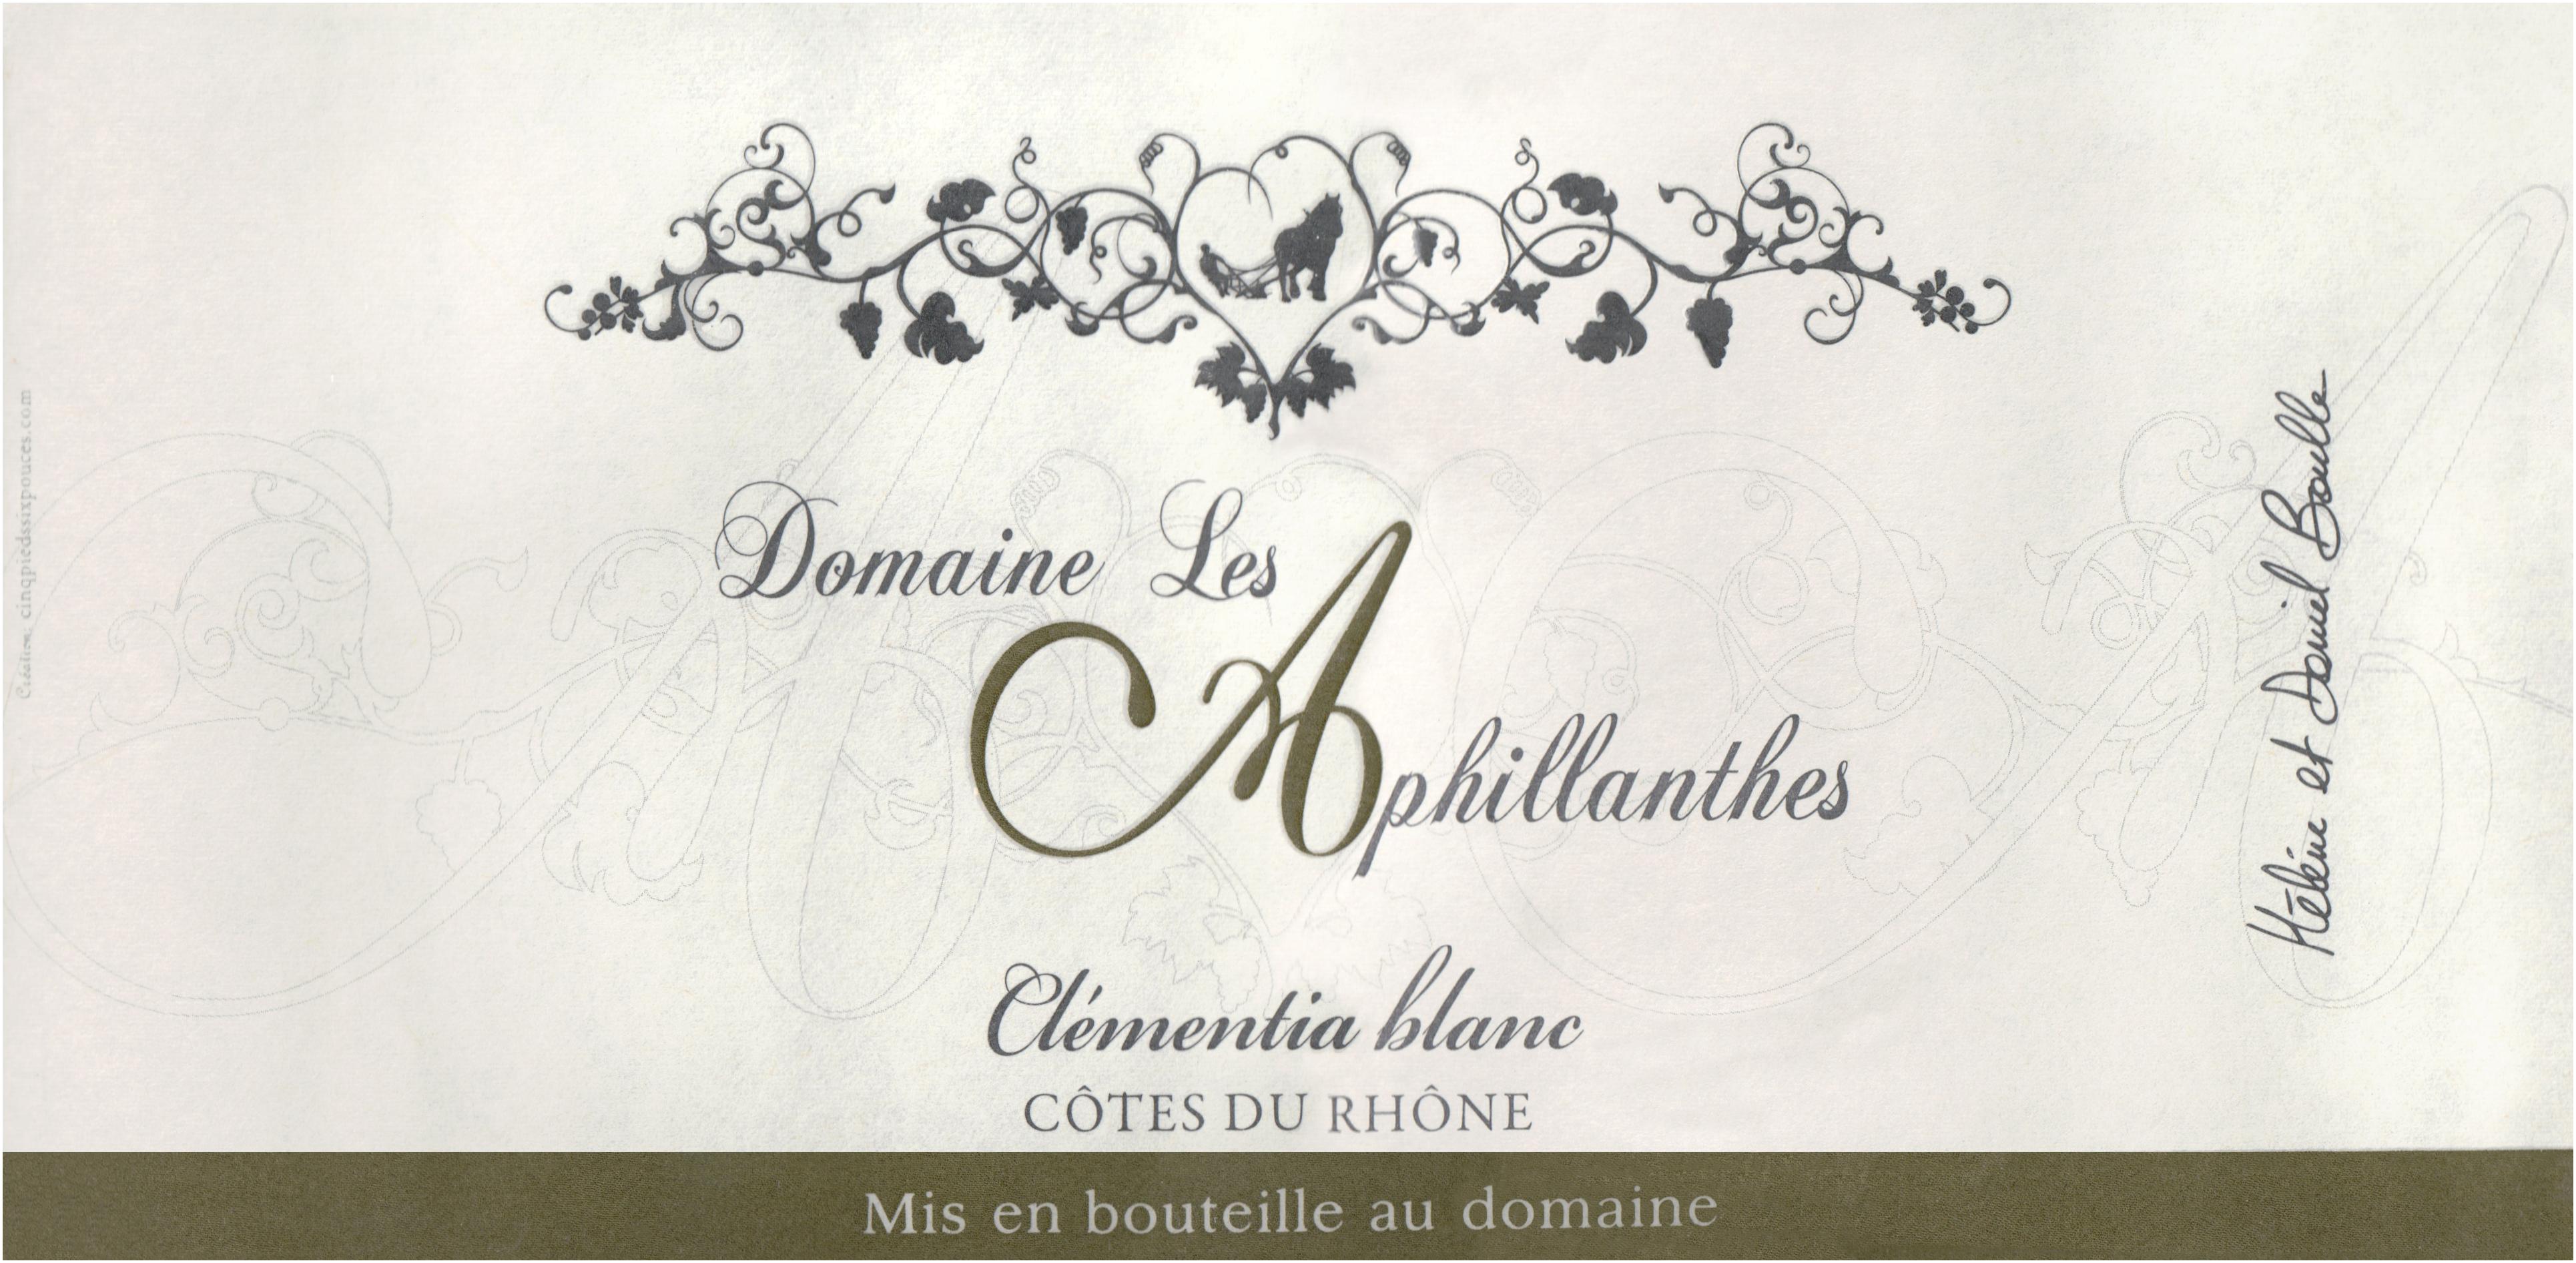 Domaine Aphillanthes Cotes Du Rhone Clementia Blanc 2019